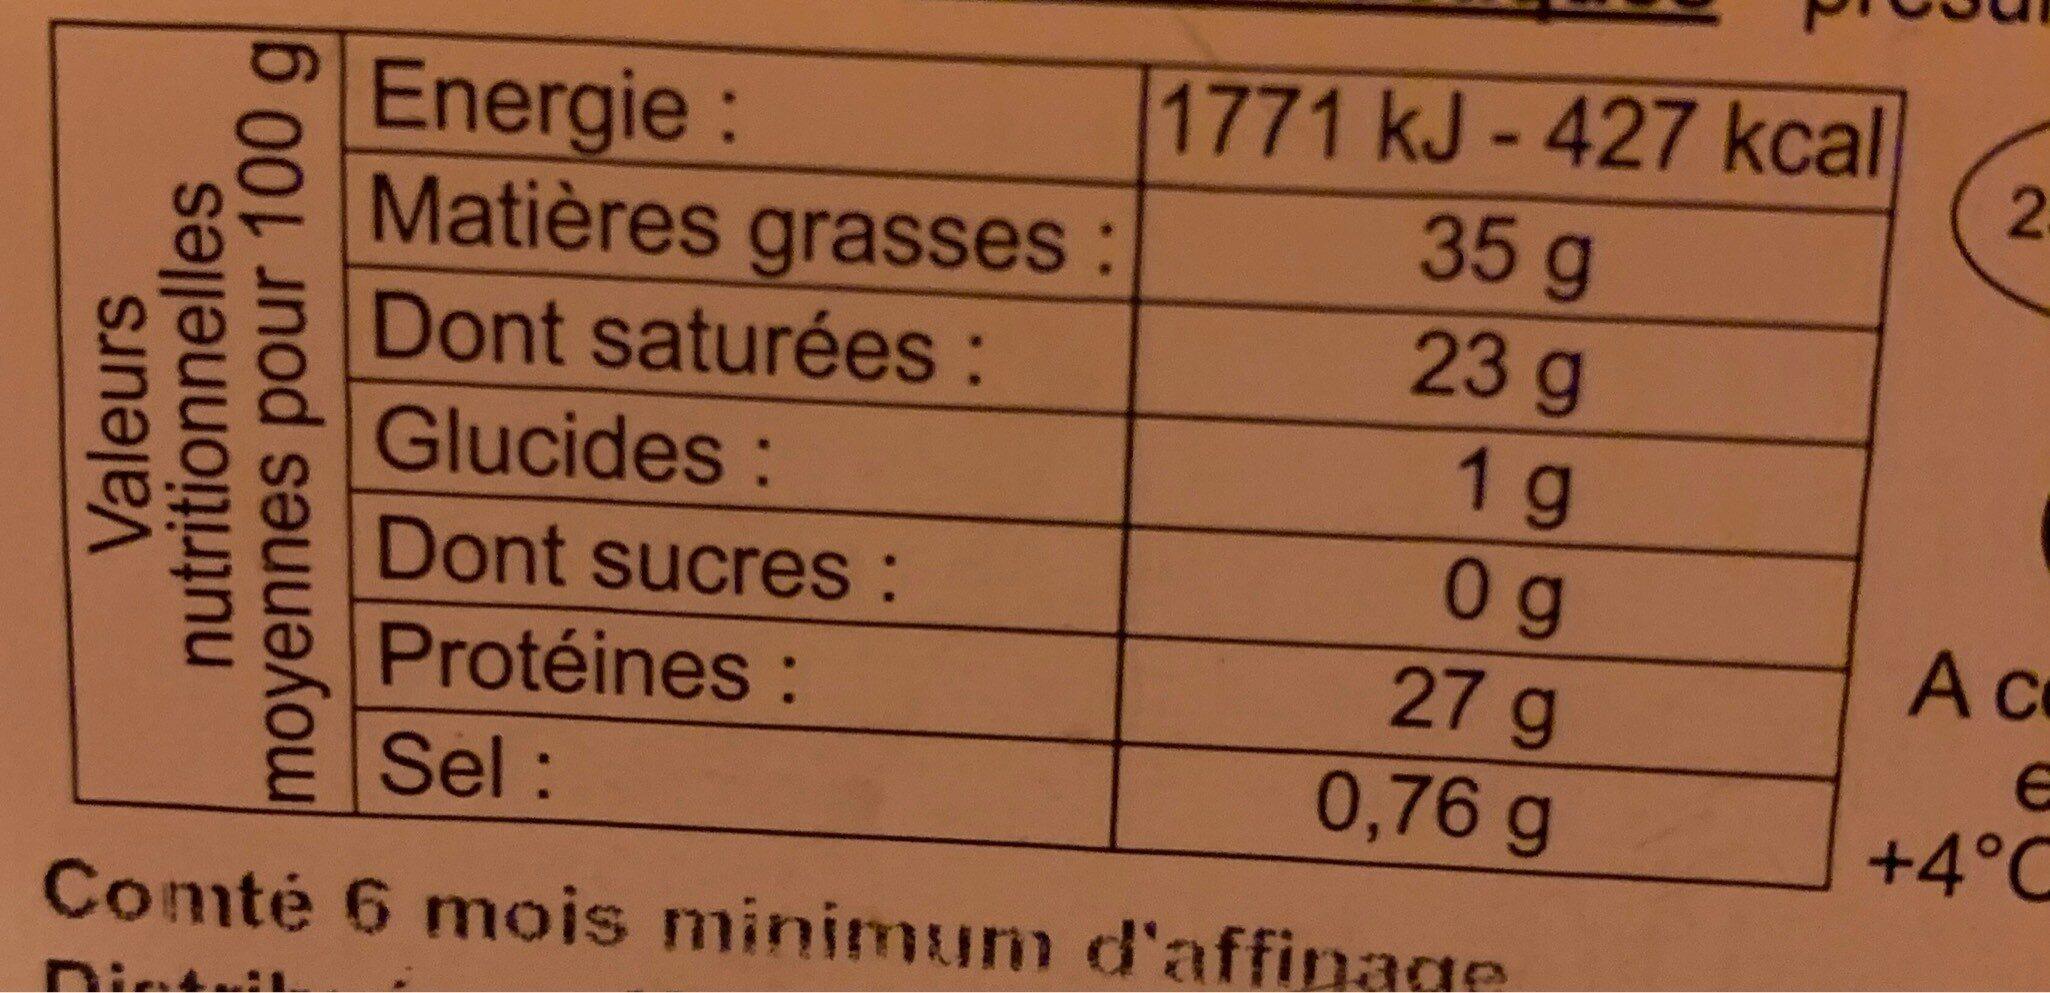 comté au lait cru - Nutrition facts - fr